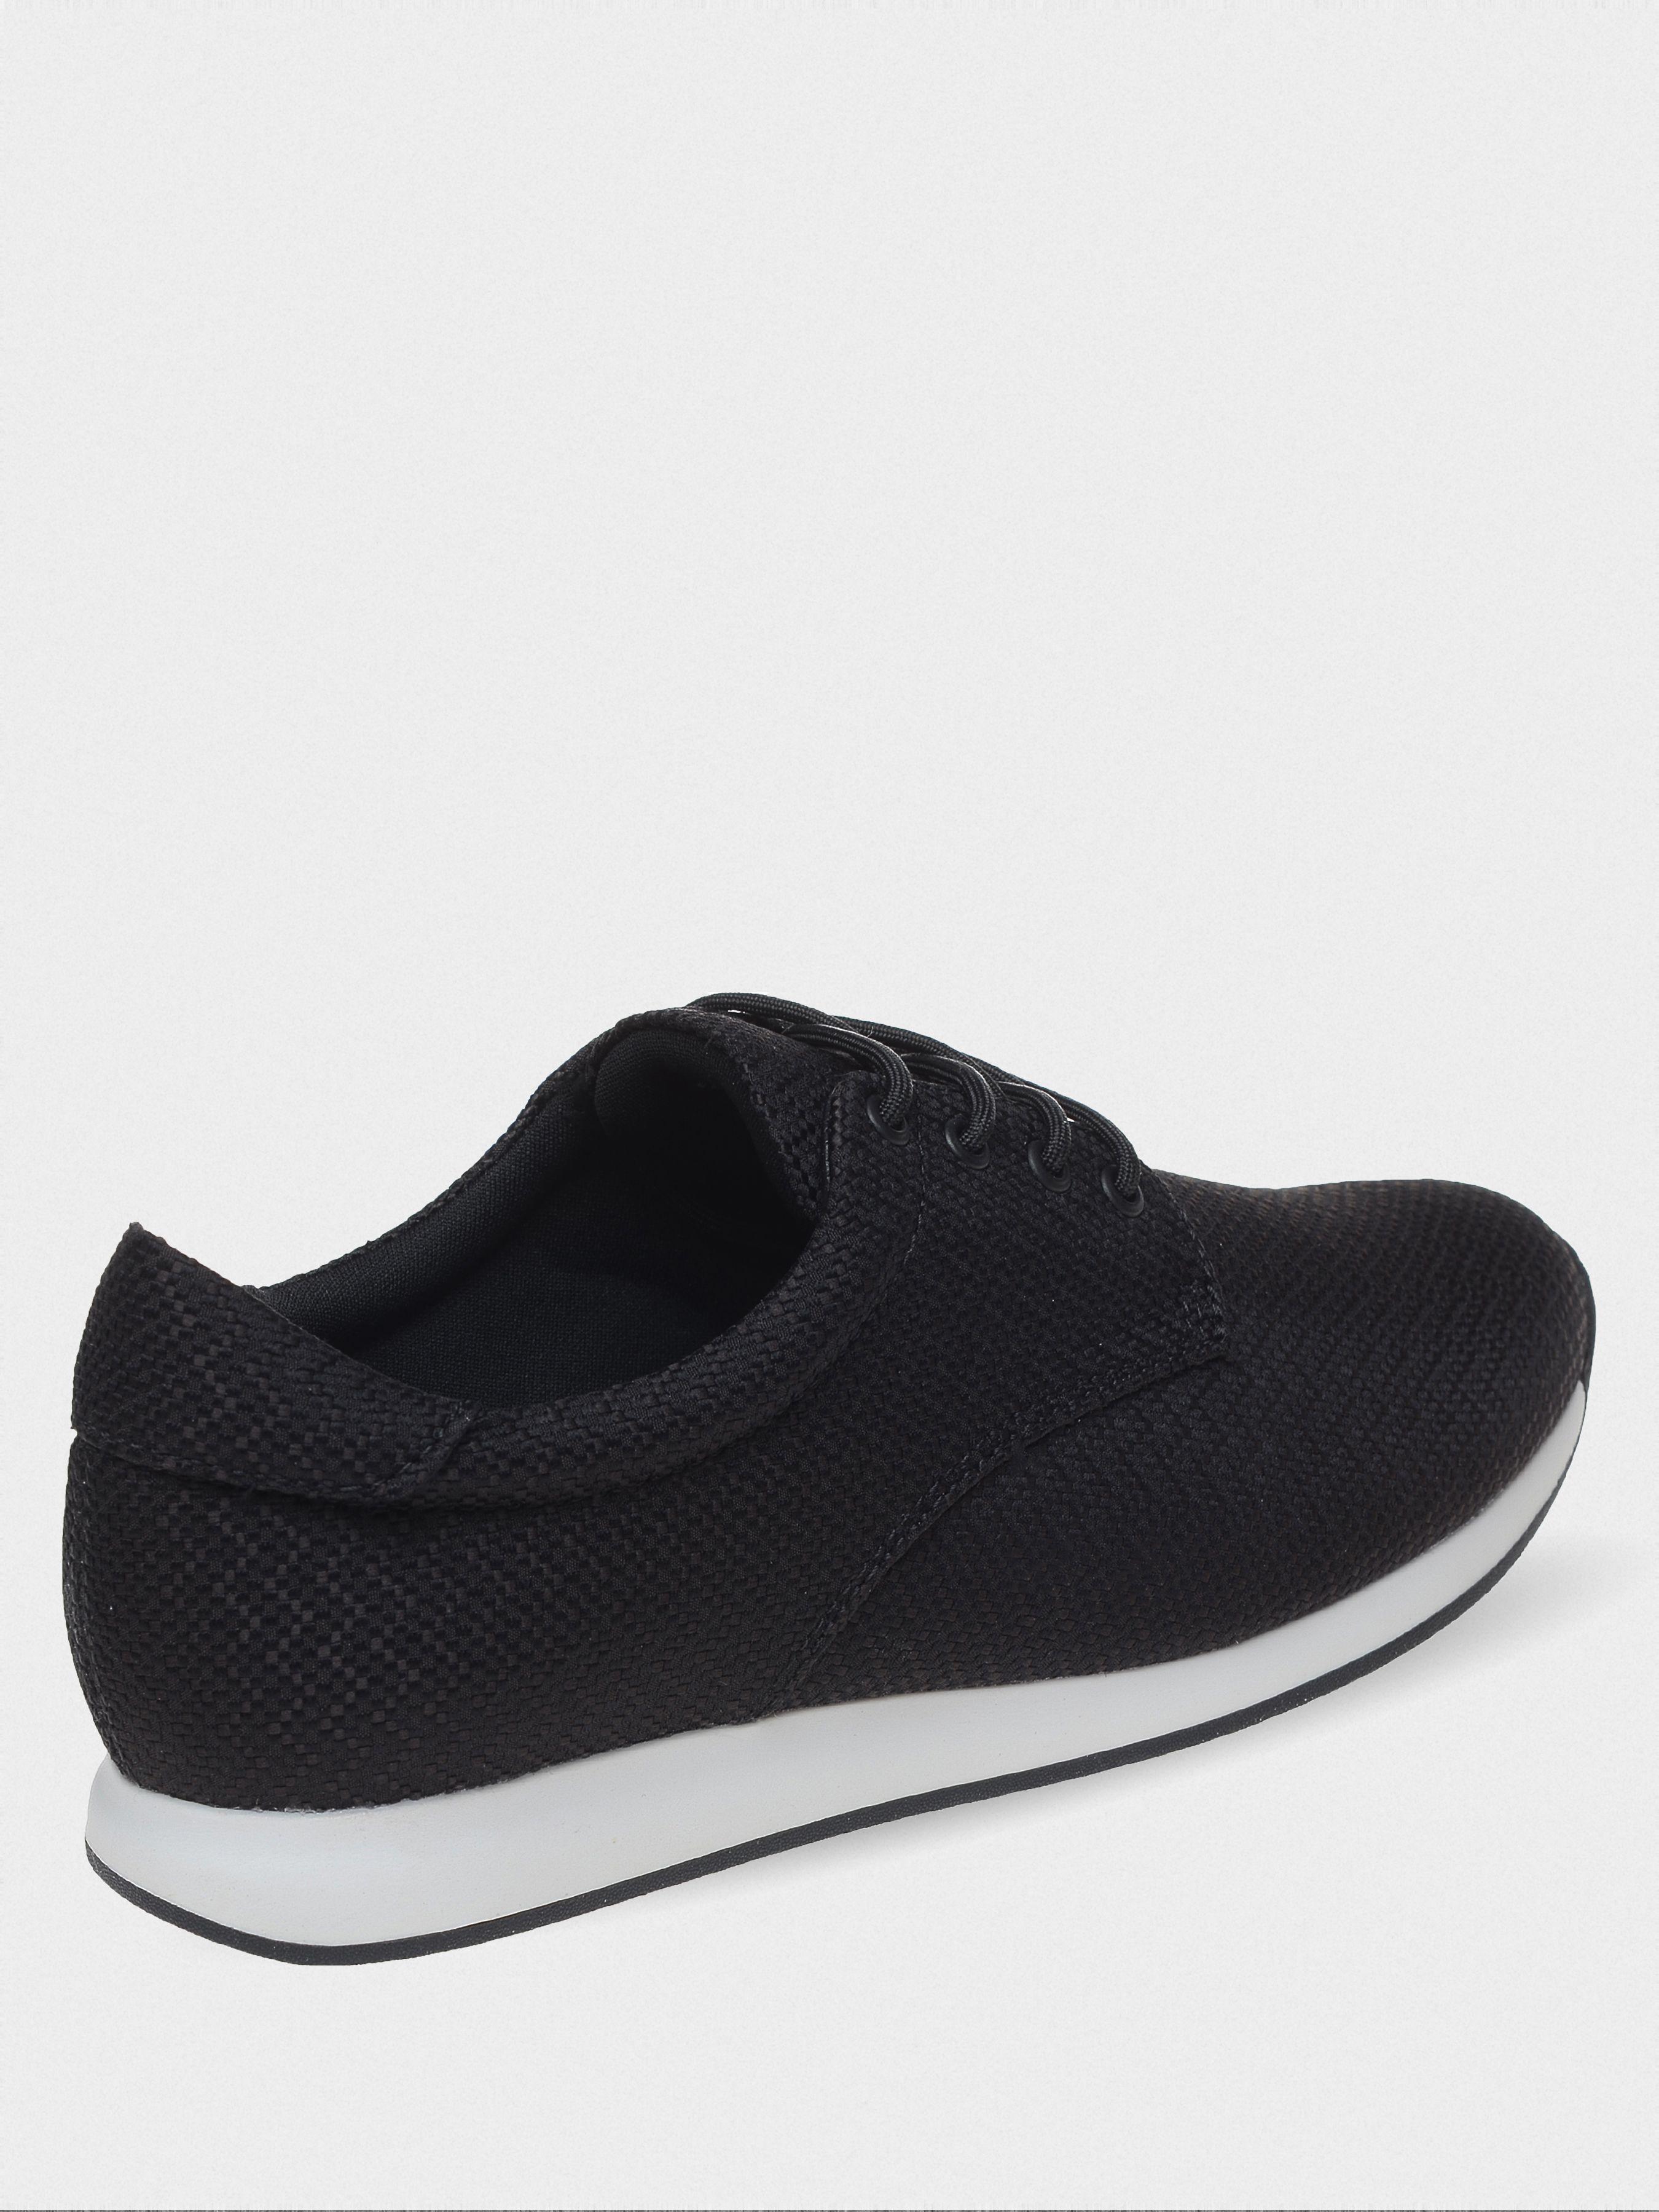 Кроссовки для женщин VAGABOND KASAI 2.0 VW5465 купить в Интертоп, 2017